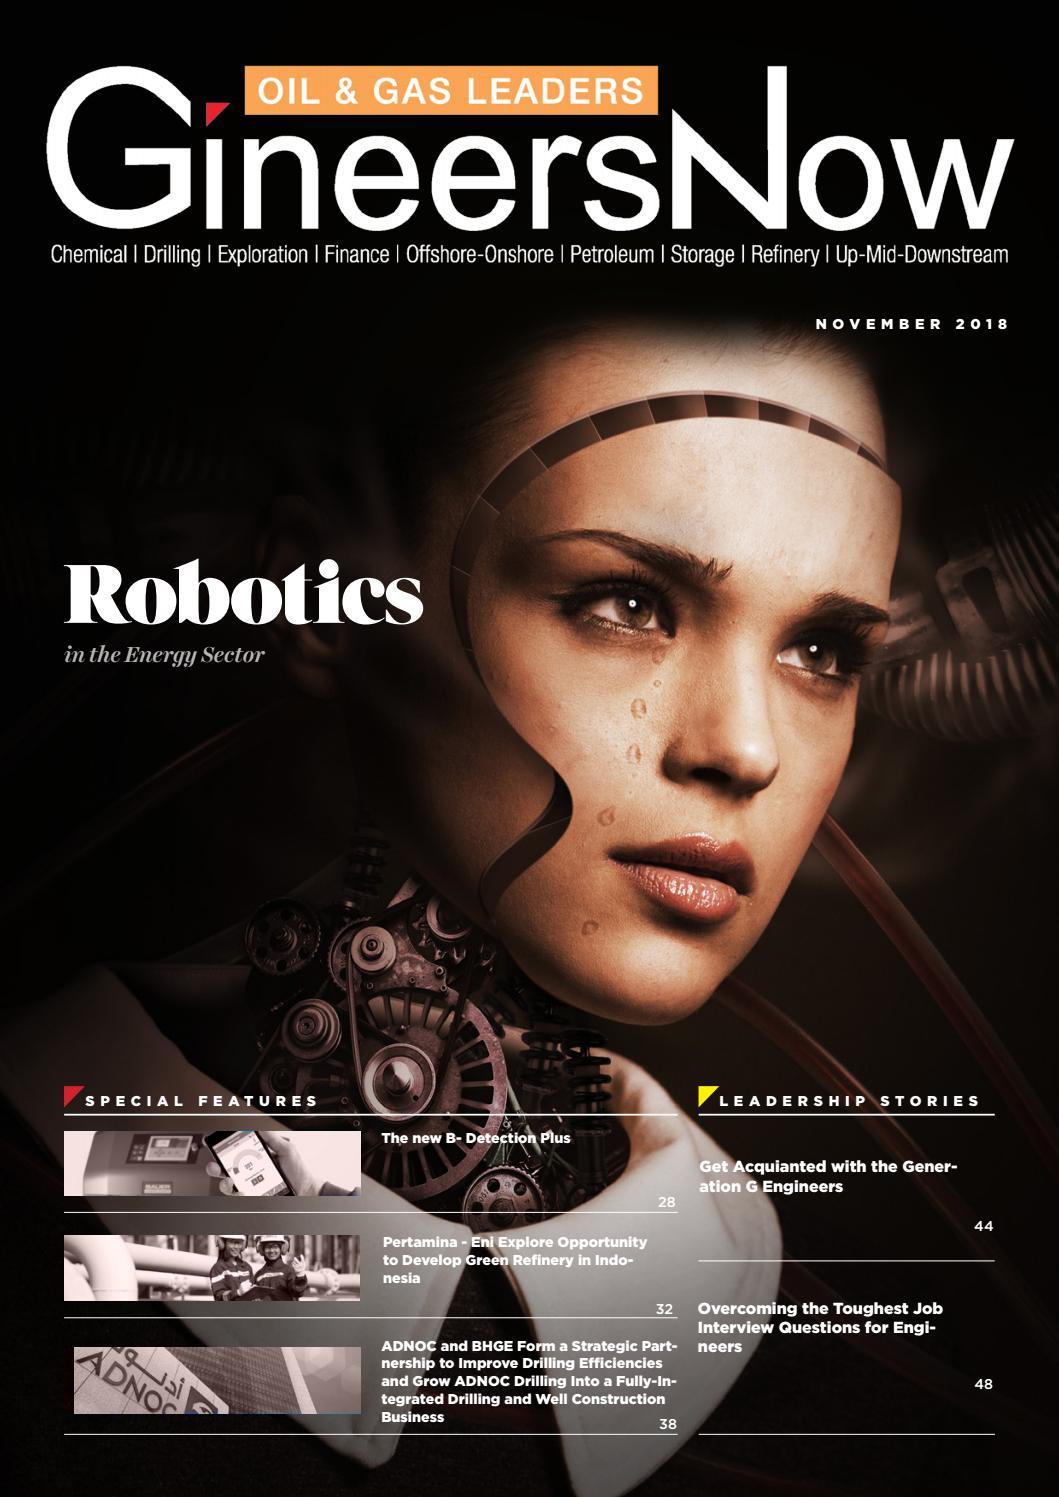 Oil & Gas Leaders magazine: Robotics in Energy, Petroleum